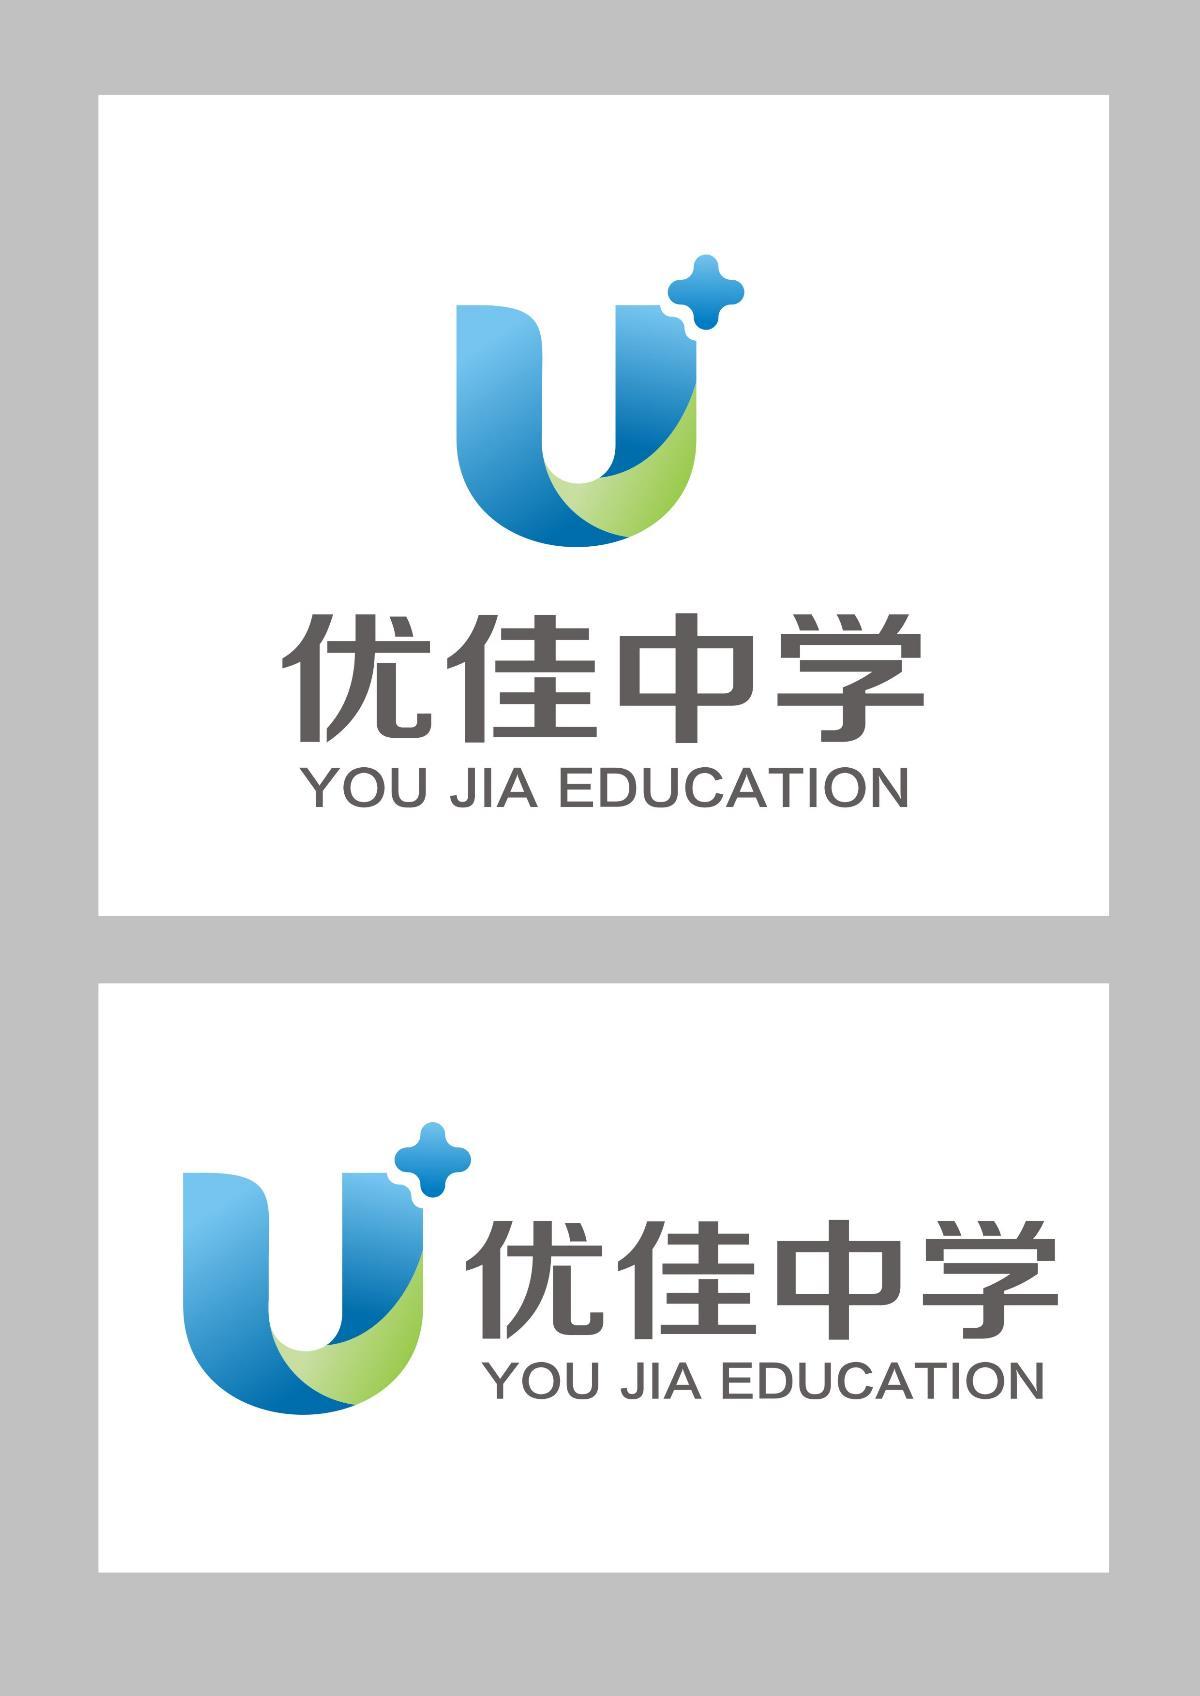 康大——优优少儿班 logo,优佳中学班